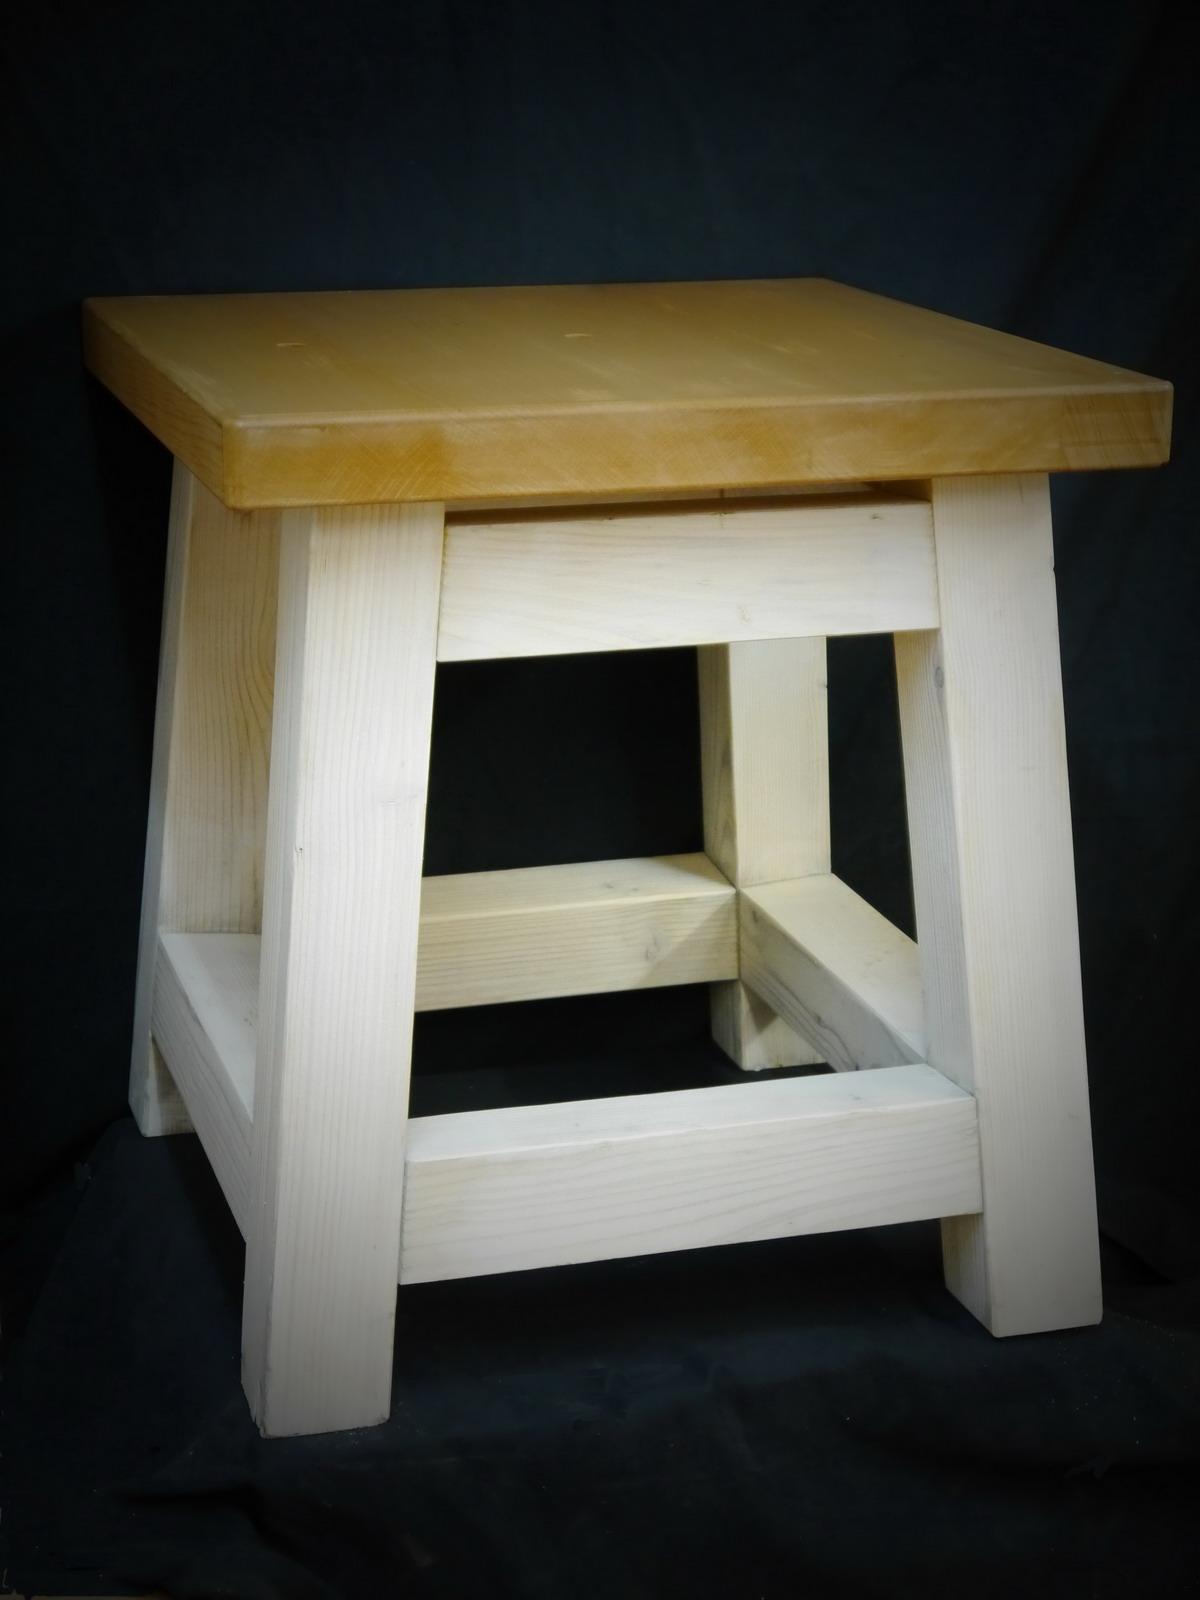 hubert janson bildhauershop kinderbildhauerbock bildhauerbock steinbildhauerbock. Black Bedroom Furniture Sets. Home Design Ideas